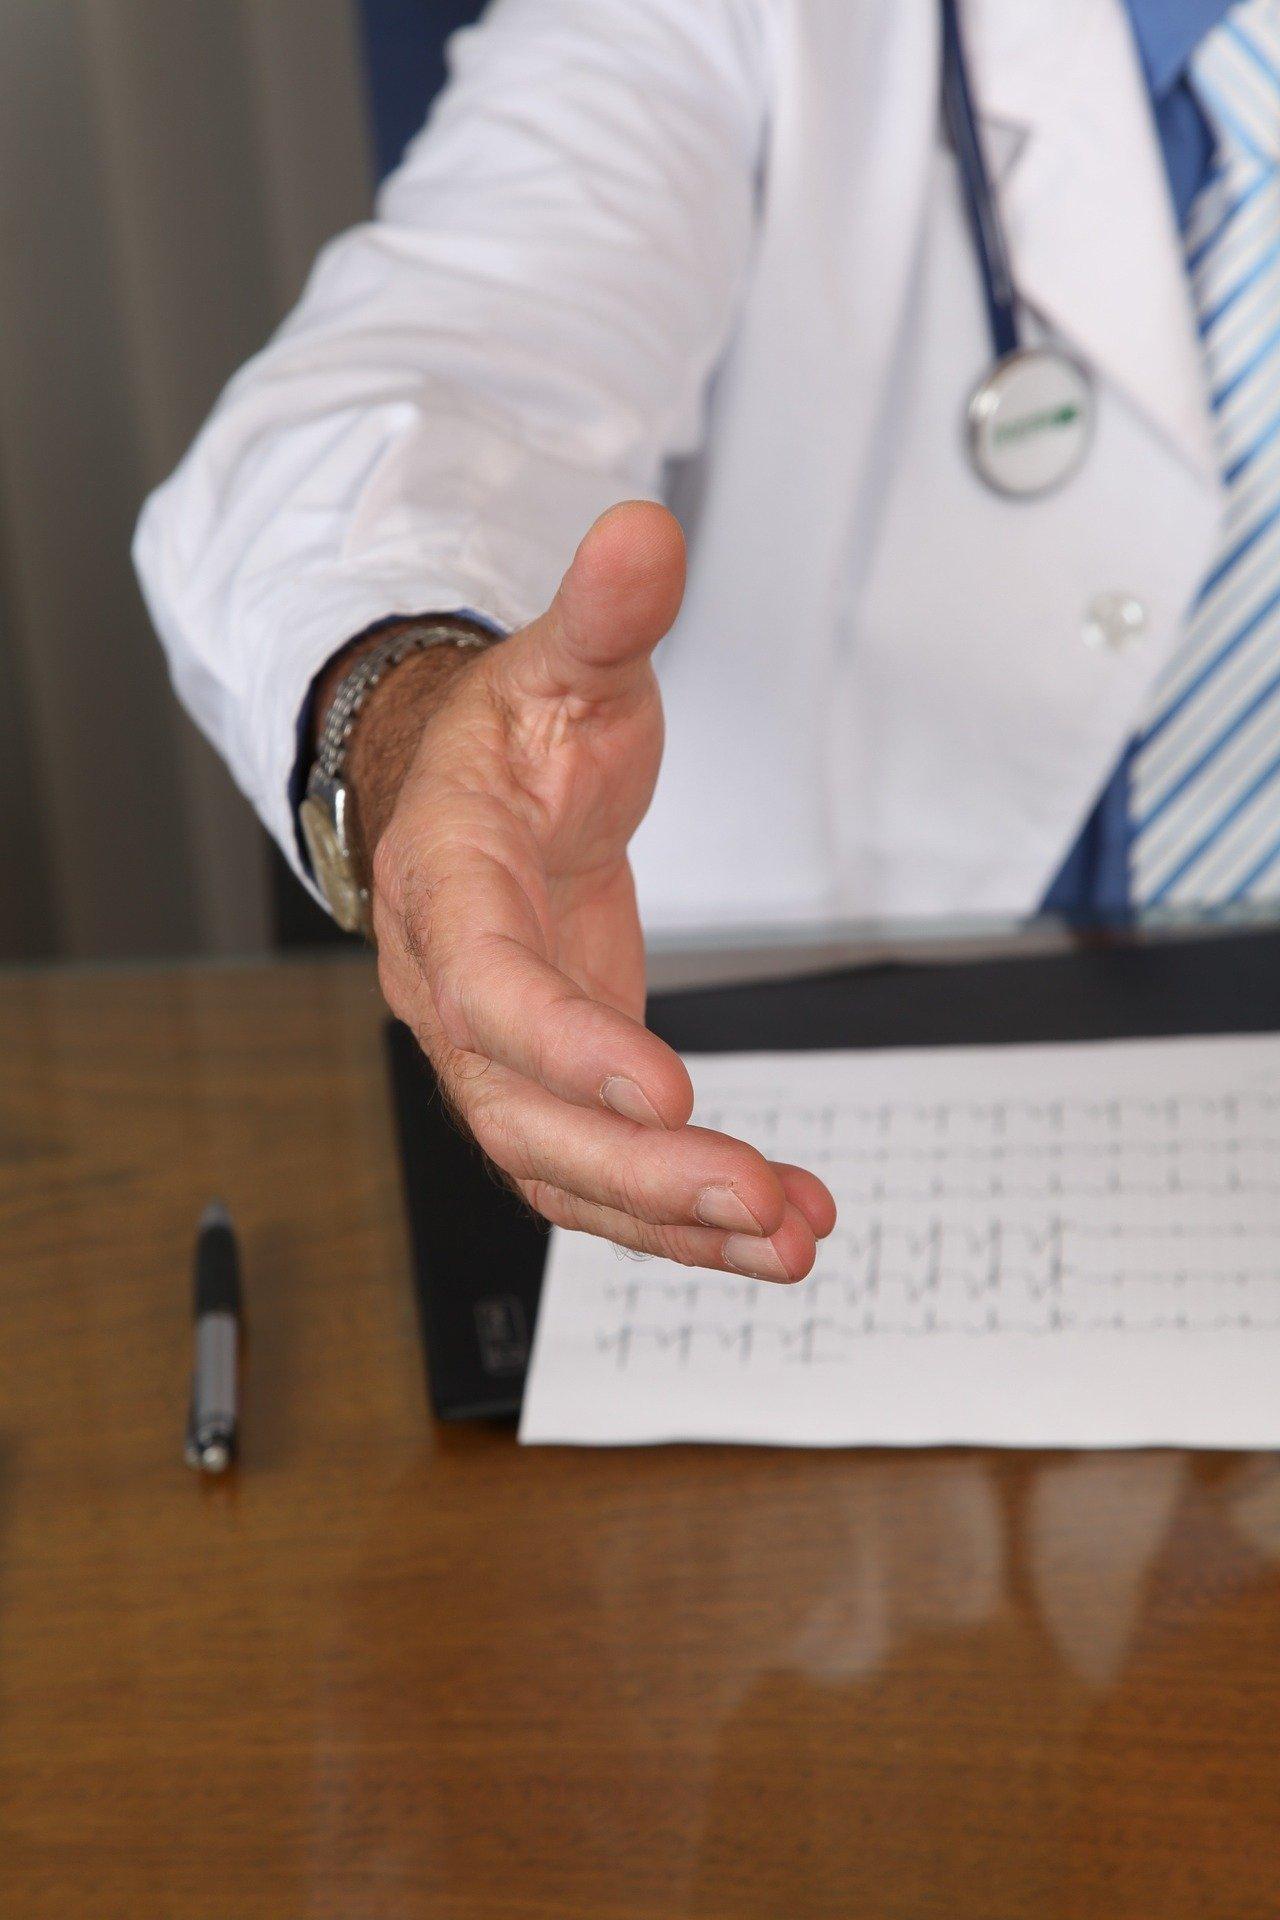 Le statut particulier de médecin libéral : ses avantages et obligations